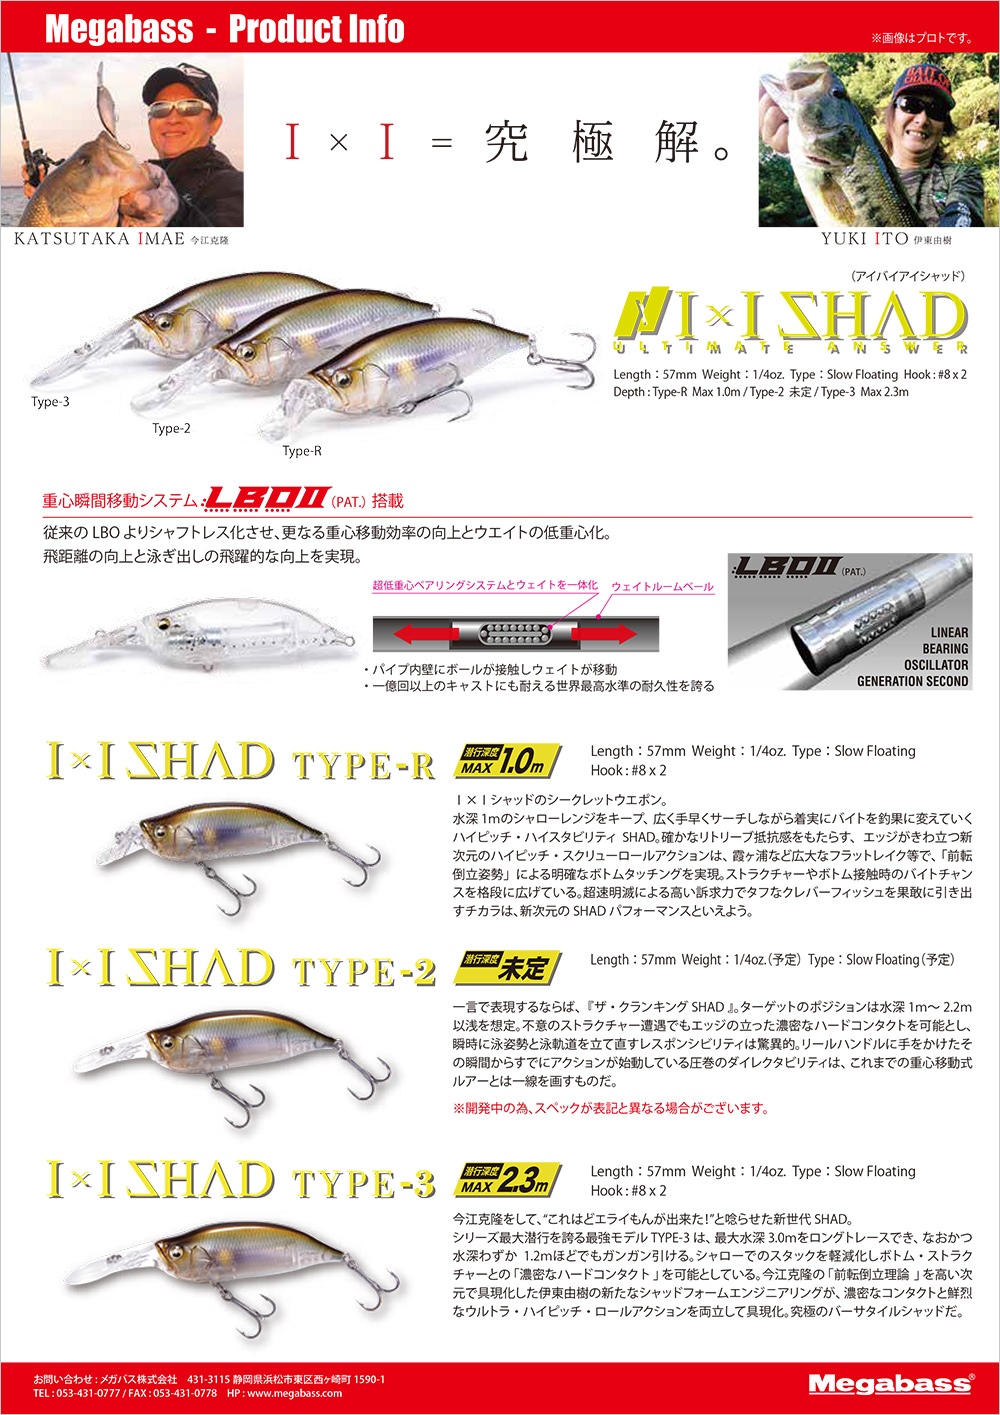 ixi SHAD